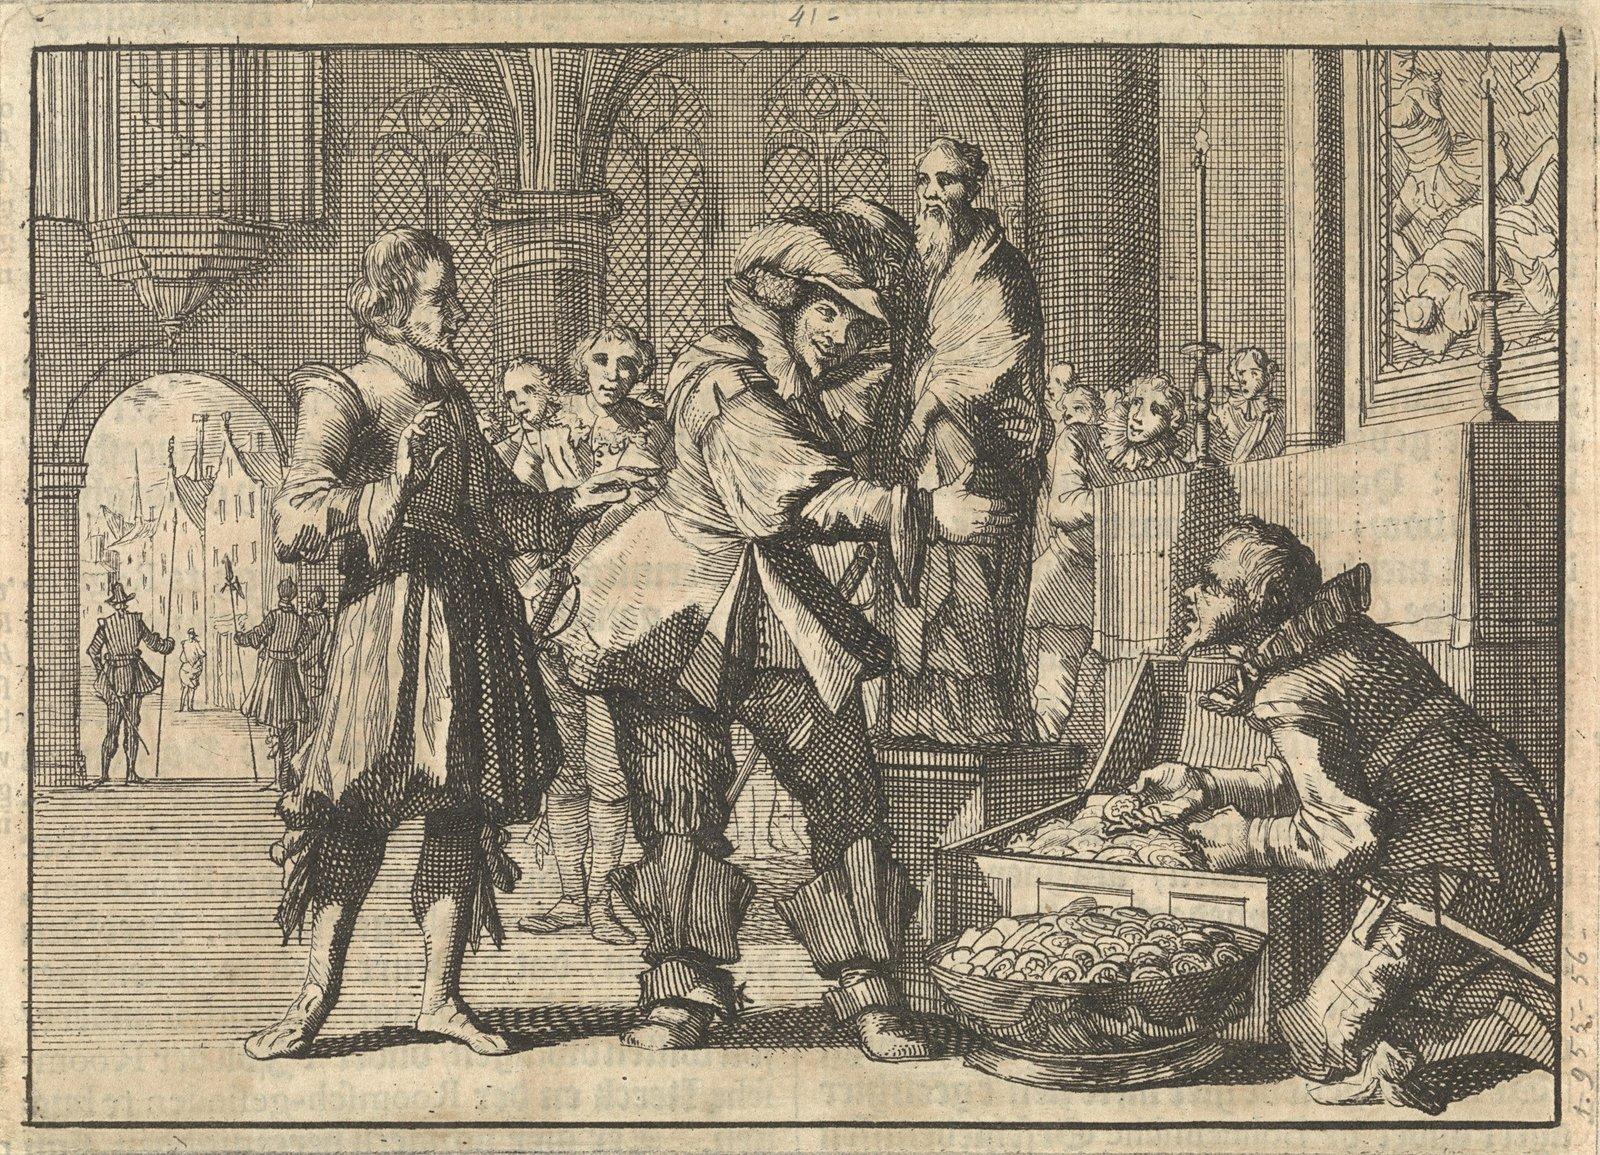 Christiaan, hertog van Brunswijk, vindt in de Dom van het door hem veroverde Paderborn schatten waaronder het gouden beeld van Liborius, 1622